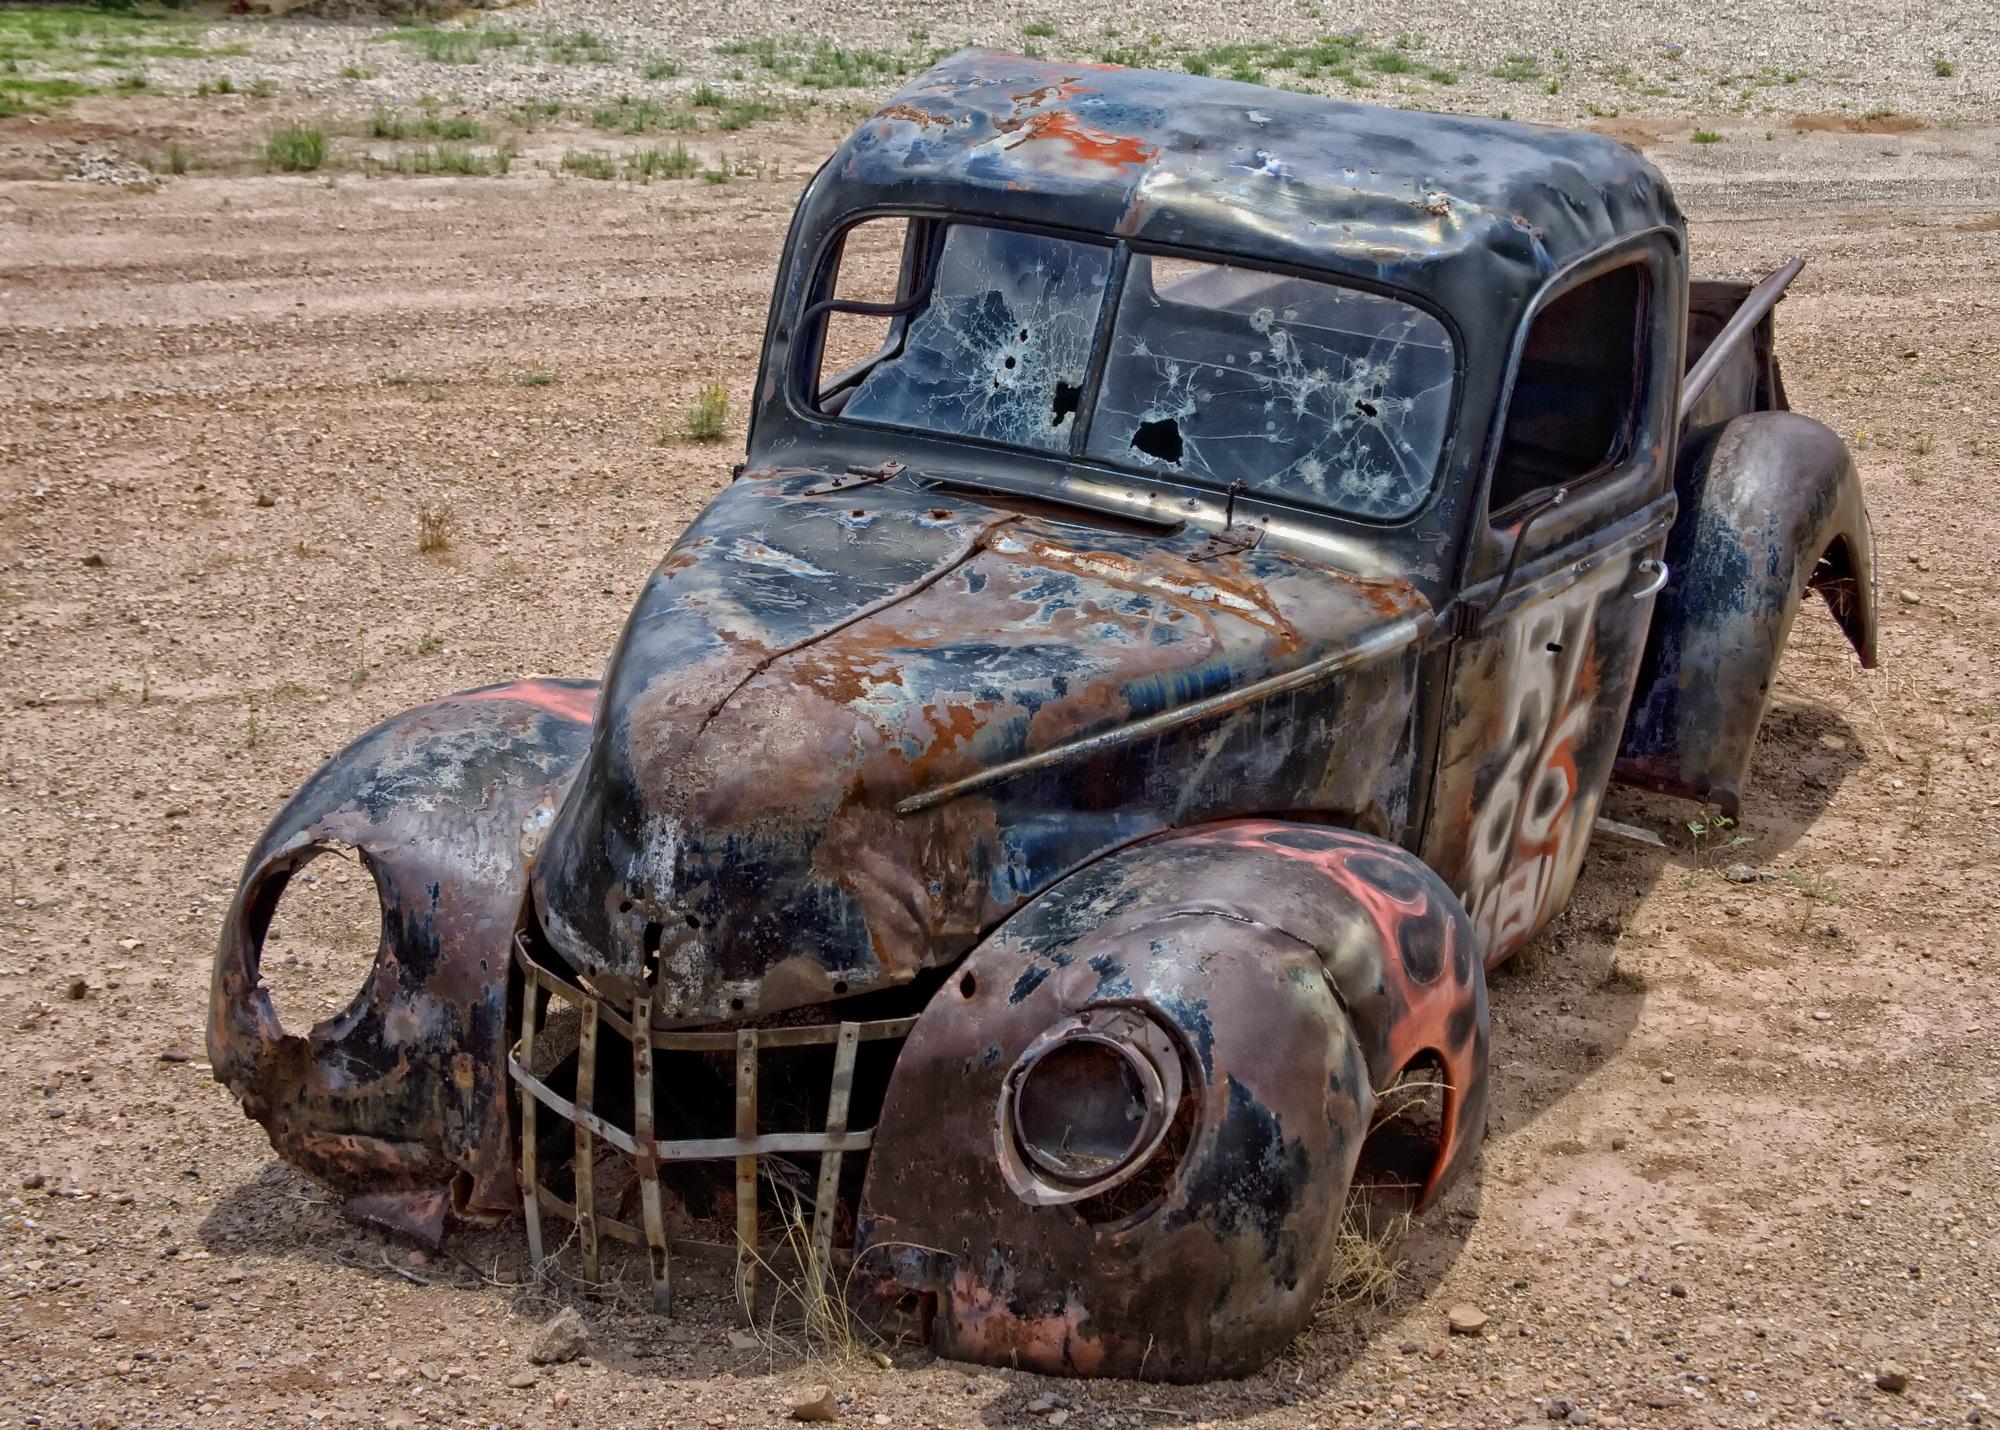 Free Images : desert, mud, junk, vintage car, arizona, hdr, heap ...